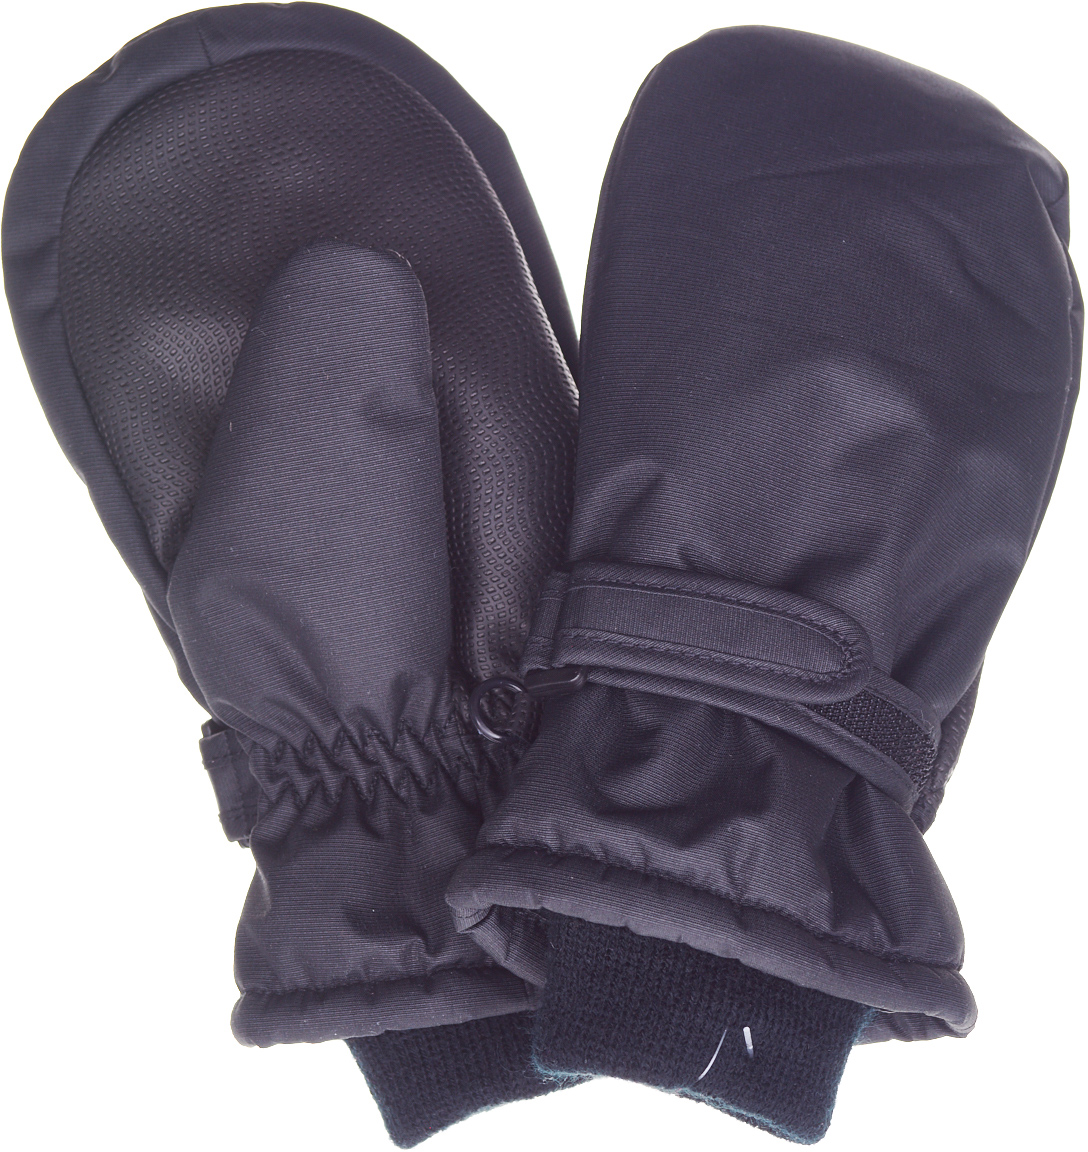 Варежки детские Button Blue, цвет: черный. 217BBUA76010800. Размер 16217BBUA76010800Подбирая зимний функциональный гардероб для ребенка, не забудьте купить варежки из плащевки, ведь они - незаменимая вещь для прогулок в морозные дни! Непромокаемая плащевка, утяжка от продувания, протектор для прочности и износостойкости изделия позволят гулять в любую погоду, гарантируя тепло, уют и комфорт.